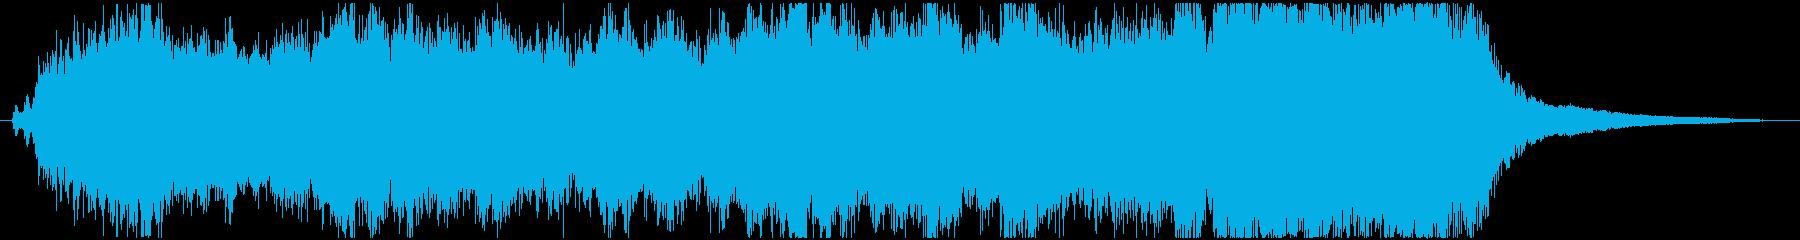 威厳のあるオーケストラファンファーレの再生済みの波形